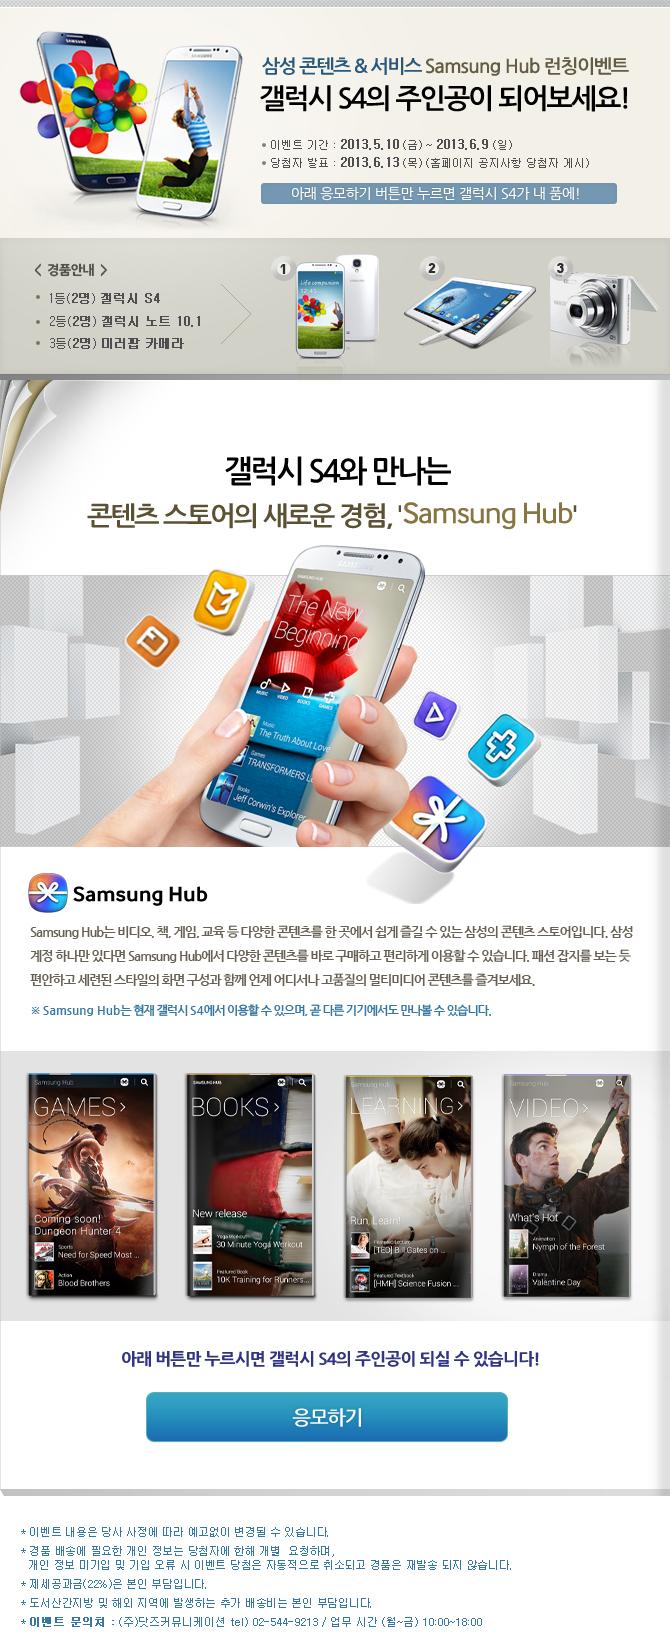 삼성 콘텐츠&서비스 Samsung Hub 런칭이벤트 갤럭시 S4의 주인공  이 되어보세요! 이벤트기간:2013.5.10(금)~2013.6.9(일) 당첨자  발표:2013.6.13(목)(홈페이지 공지사항 당첨자 게시) <경품안내>   1등(2명) 갤럭시 S4 2등(2명) 갤럭시노트10.1 3등(2명) 미러팝   카메라, 갤럭시 S4와 만나는 콘텐츠 스토어의 새로운 경험,   'Samsung Hub'Samsung Hub는 비디오, 책, 게임, 교육 등 다양한   콘텐츠를 한 곳에서 쉽게 즐길 수 있는 삼성의 콘텐츠 스토어입  니다. 삼성 계정 하나만 있다면 Samsung Hub에서 다양한 콘텐츠  를 바로 구매하고 편리하게 이용할 수 있습니다. 패션 잡지를 보  는 듯 편안하고 세련된 스타일의 화면 구성과 함께 언제 어디서  나 고품질의 멀티미디어 콘텐츠를 즐겨보세요. *Samsung Hub는   현재 갤럭시 S4에서 이용할 수 있으며, 곧 다른 기기에서도 만나  볼 수 있습니다.